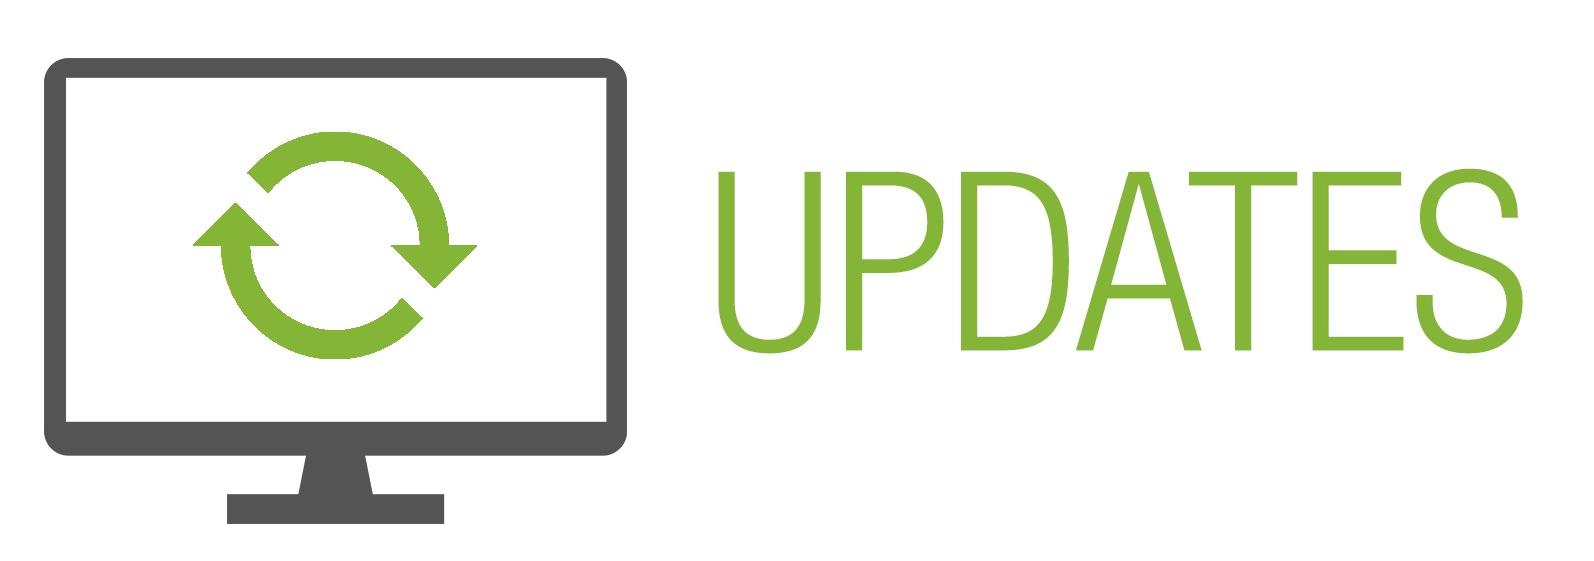 Updates_Members.jpg